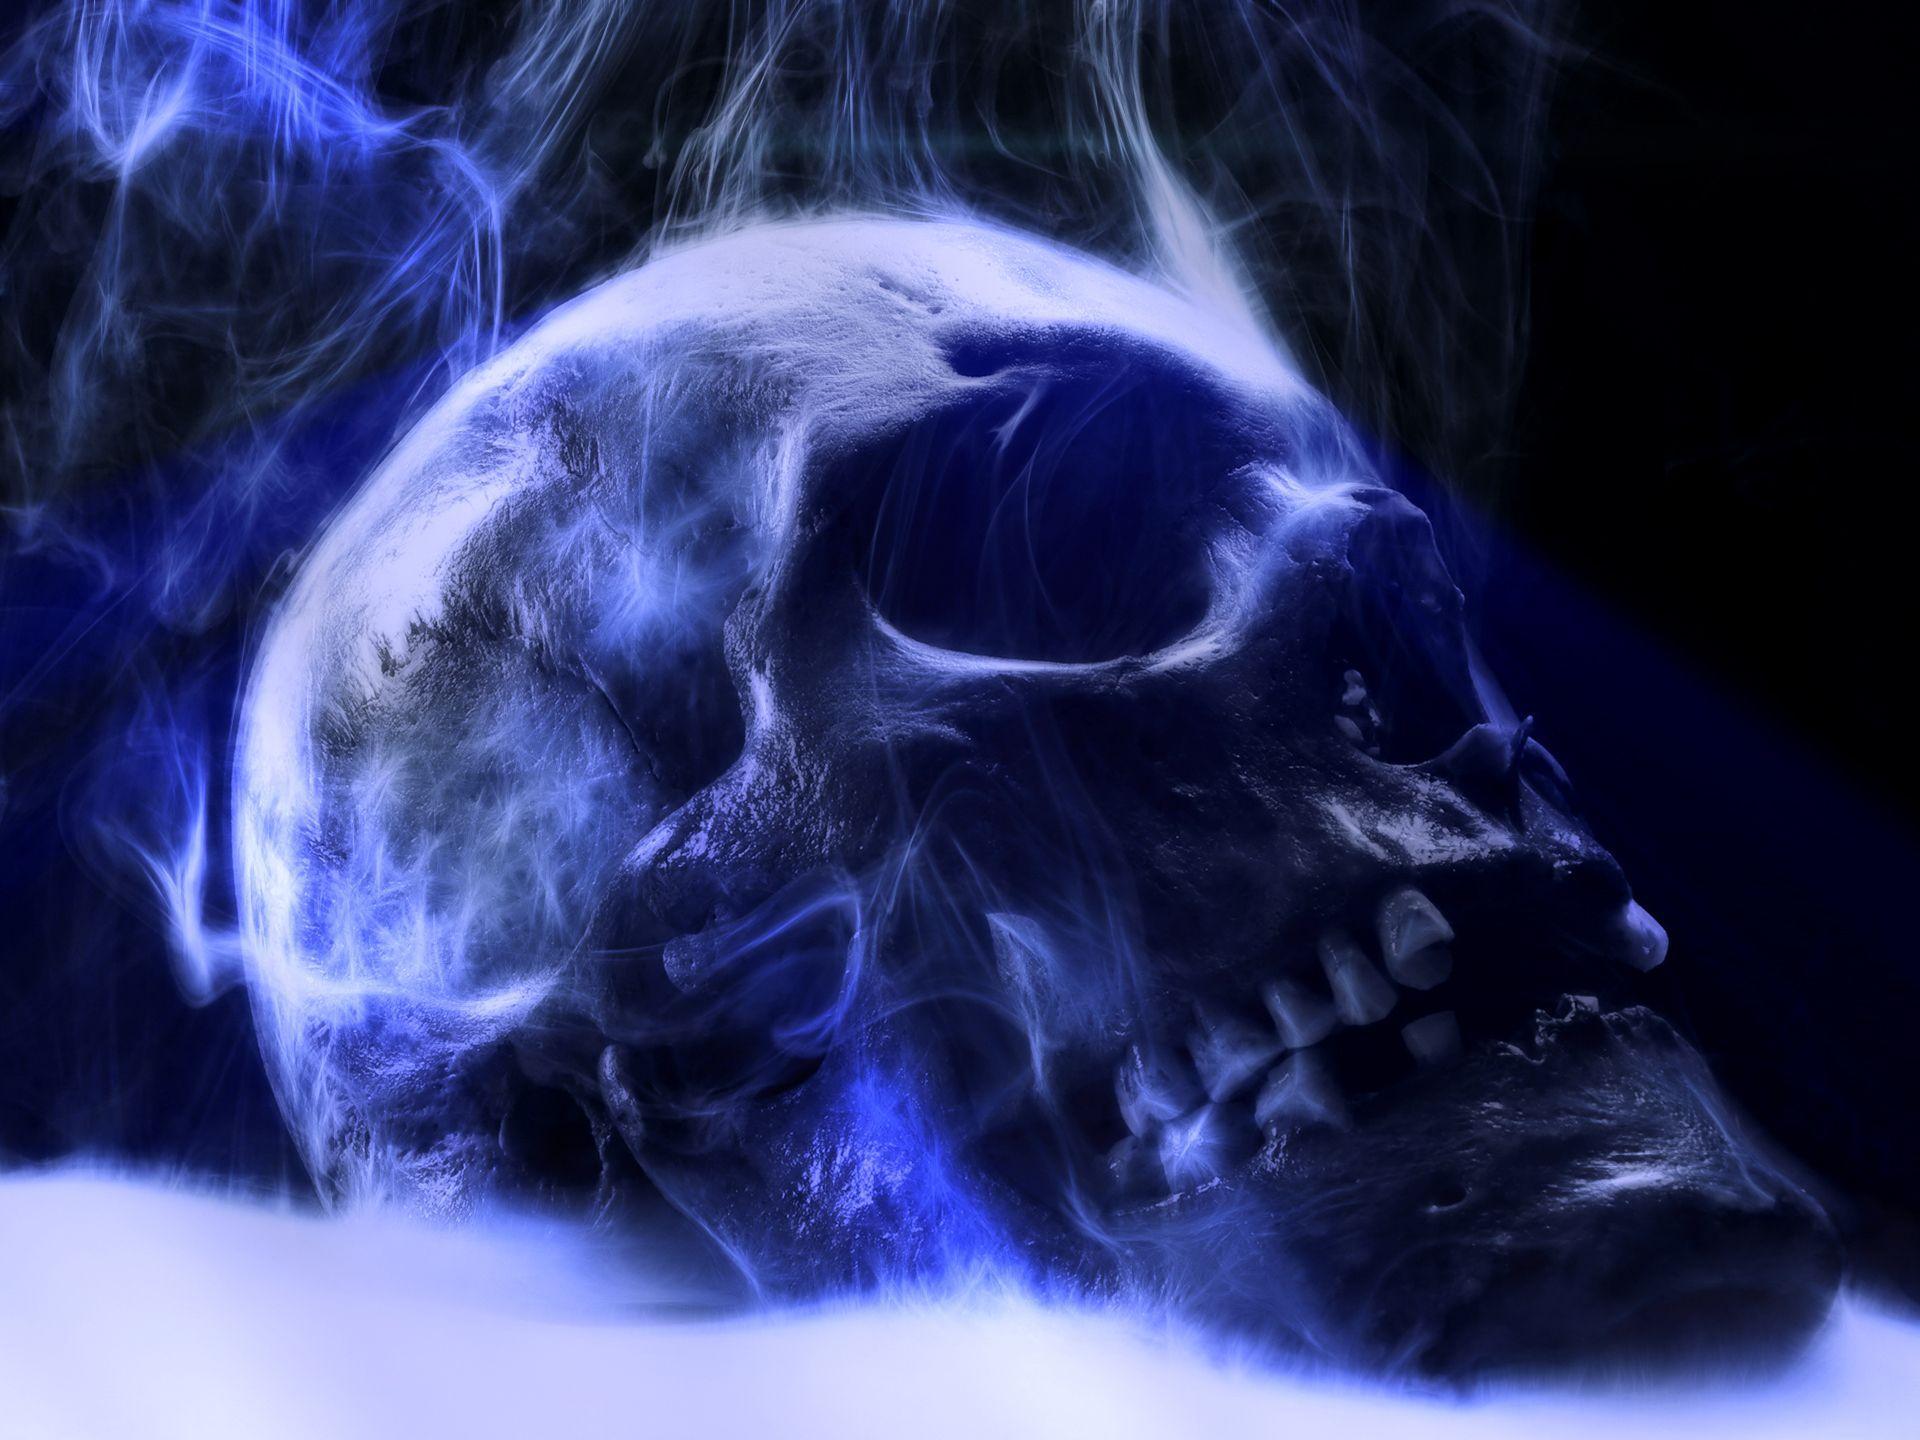 раскраски картинки череп на синем фоне открутить один них